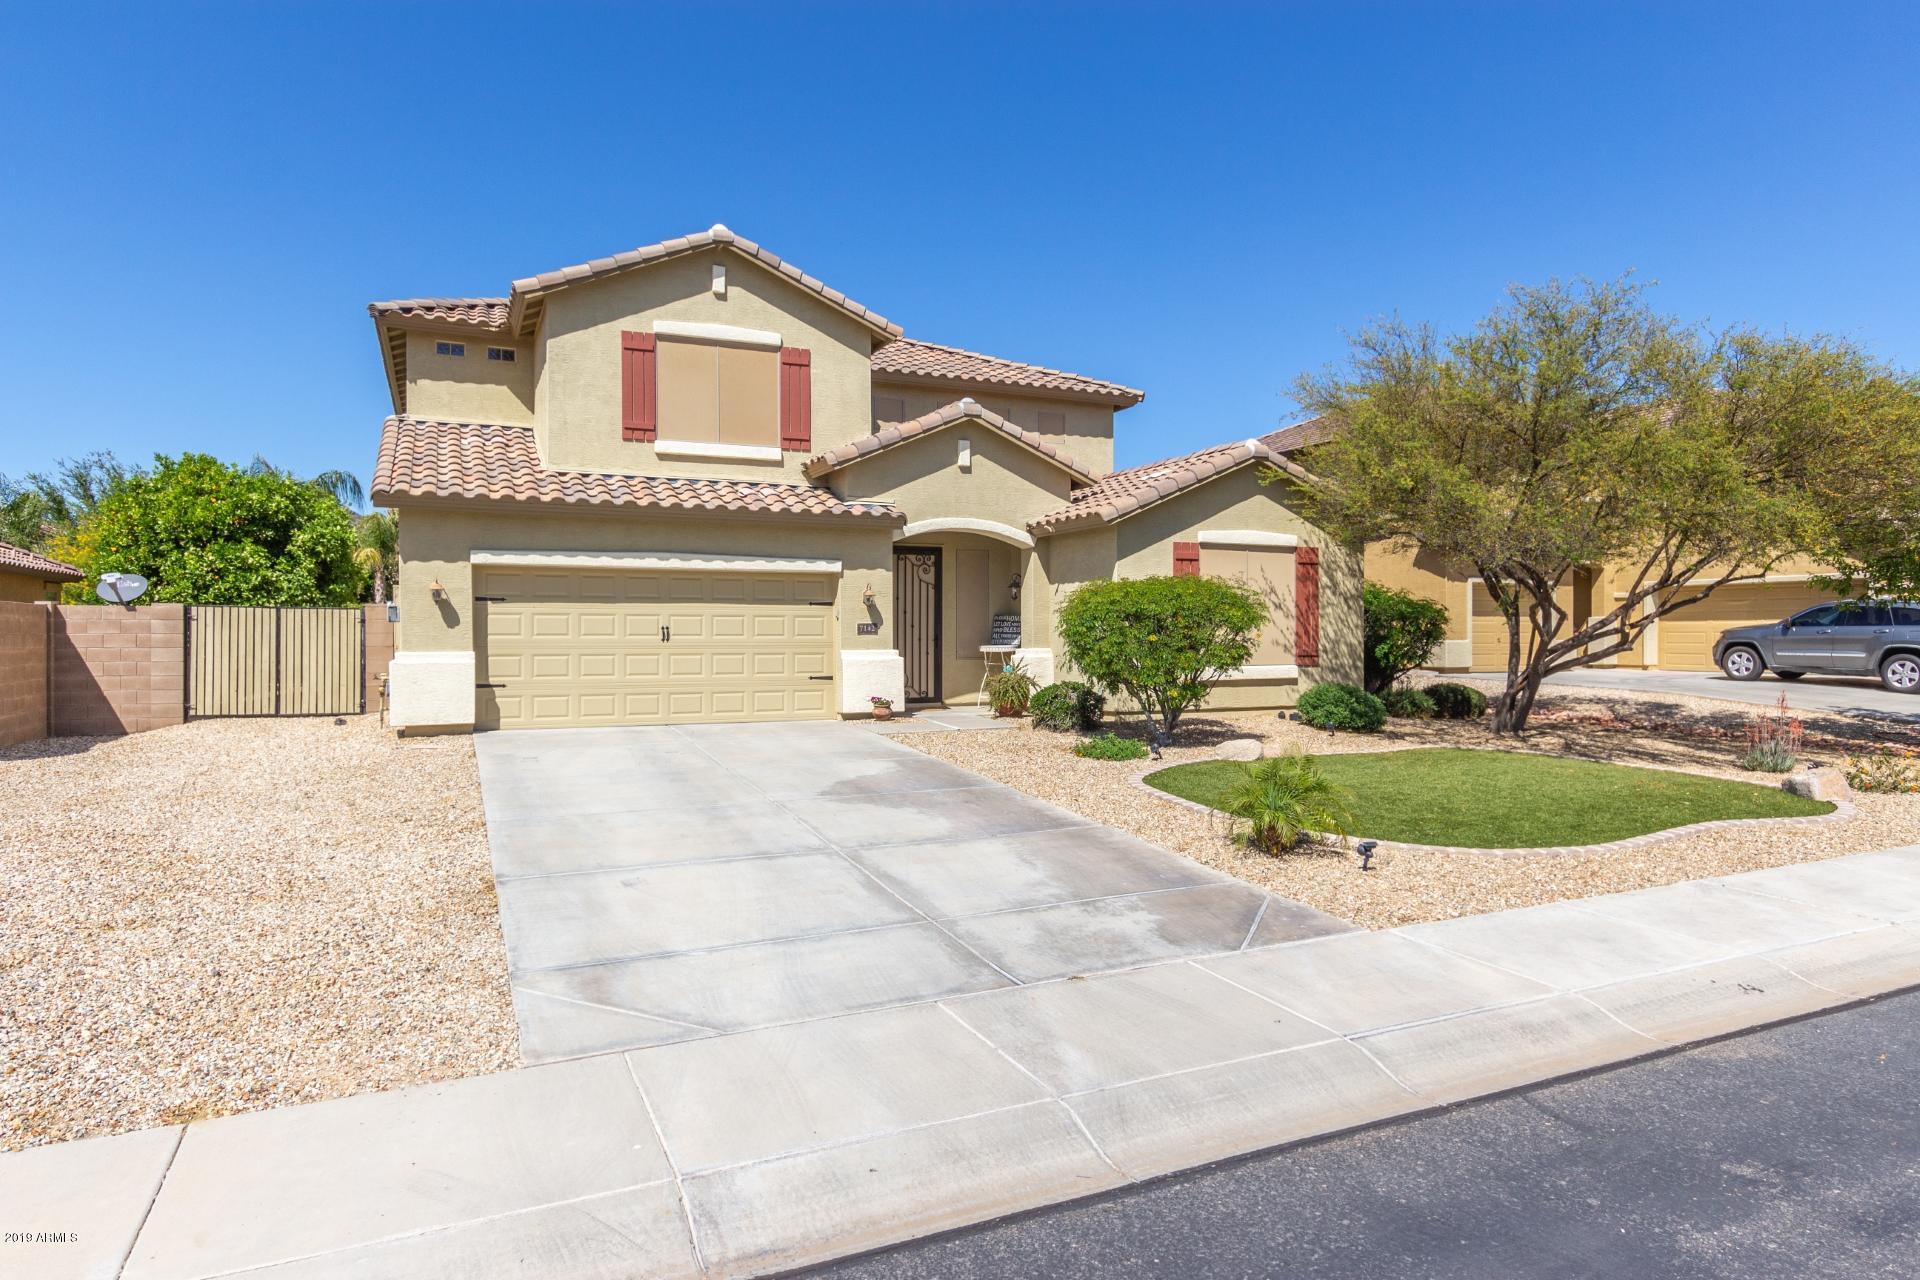 7142 W NADINE Way, Peoria, Arizona